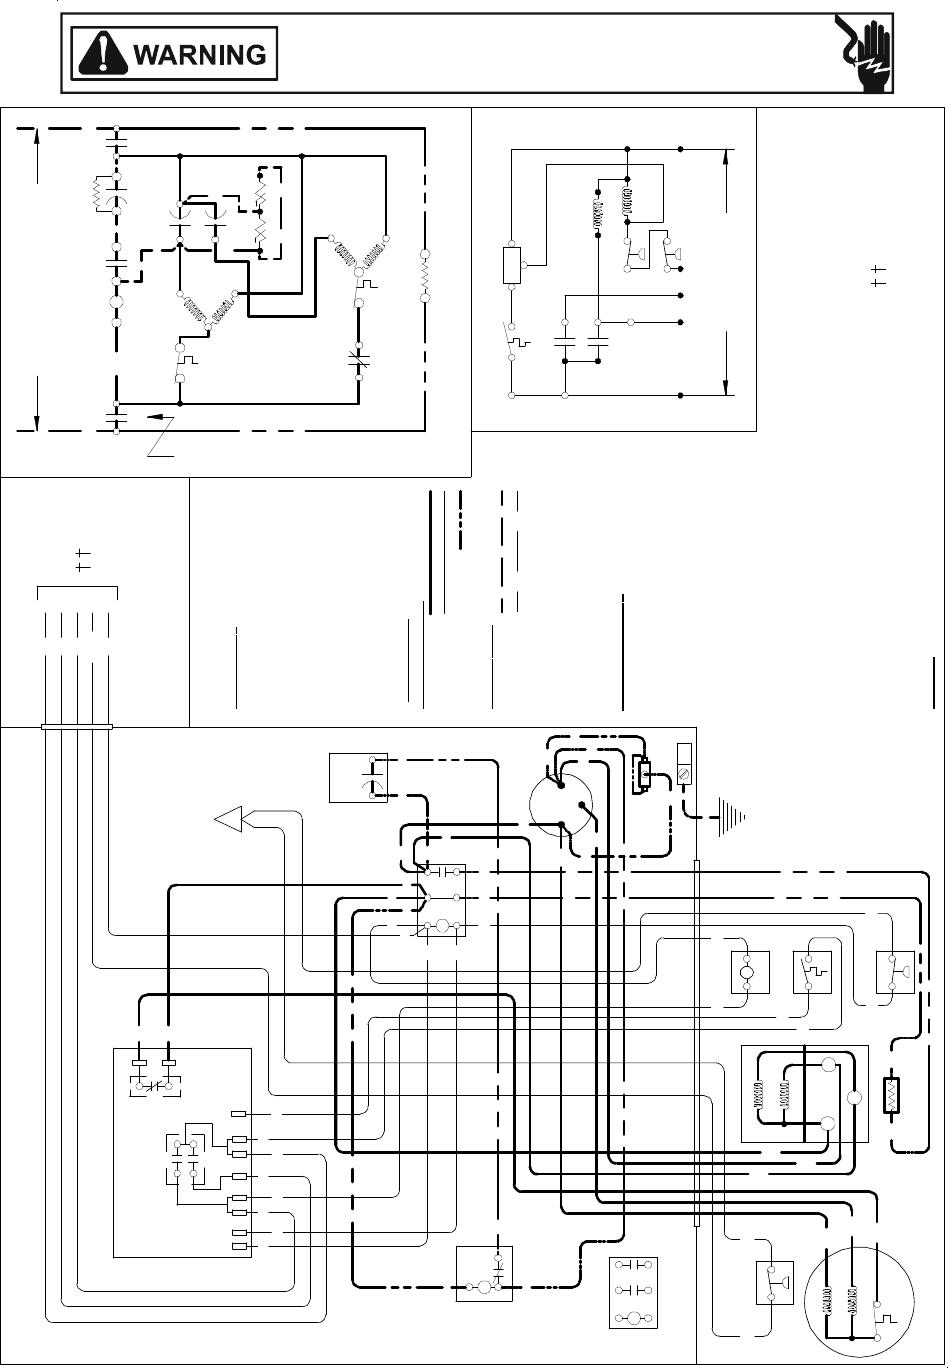 OS_4564] Carrier Heat Pump Wiring Diagram Free Download Wiring Diagram  Schematic Wiring